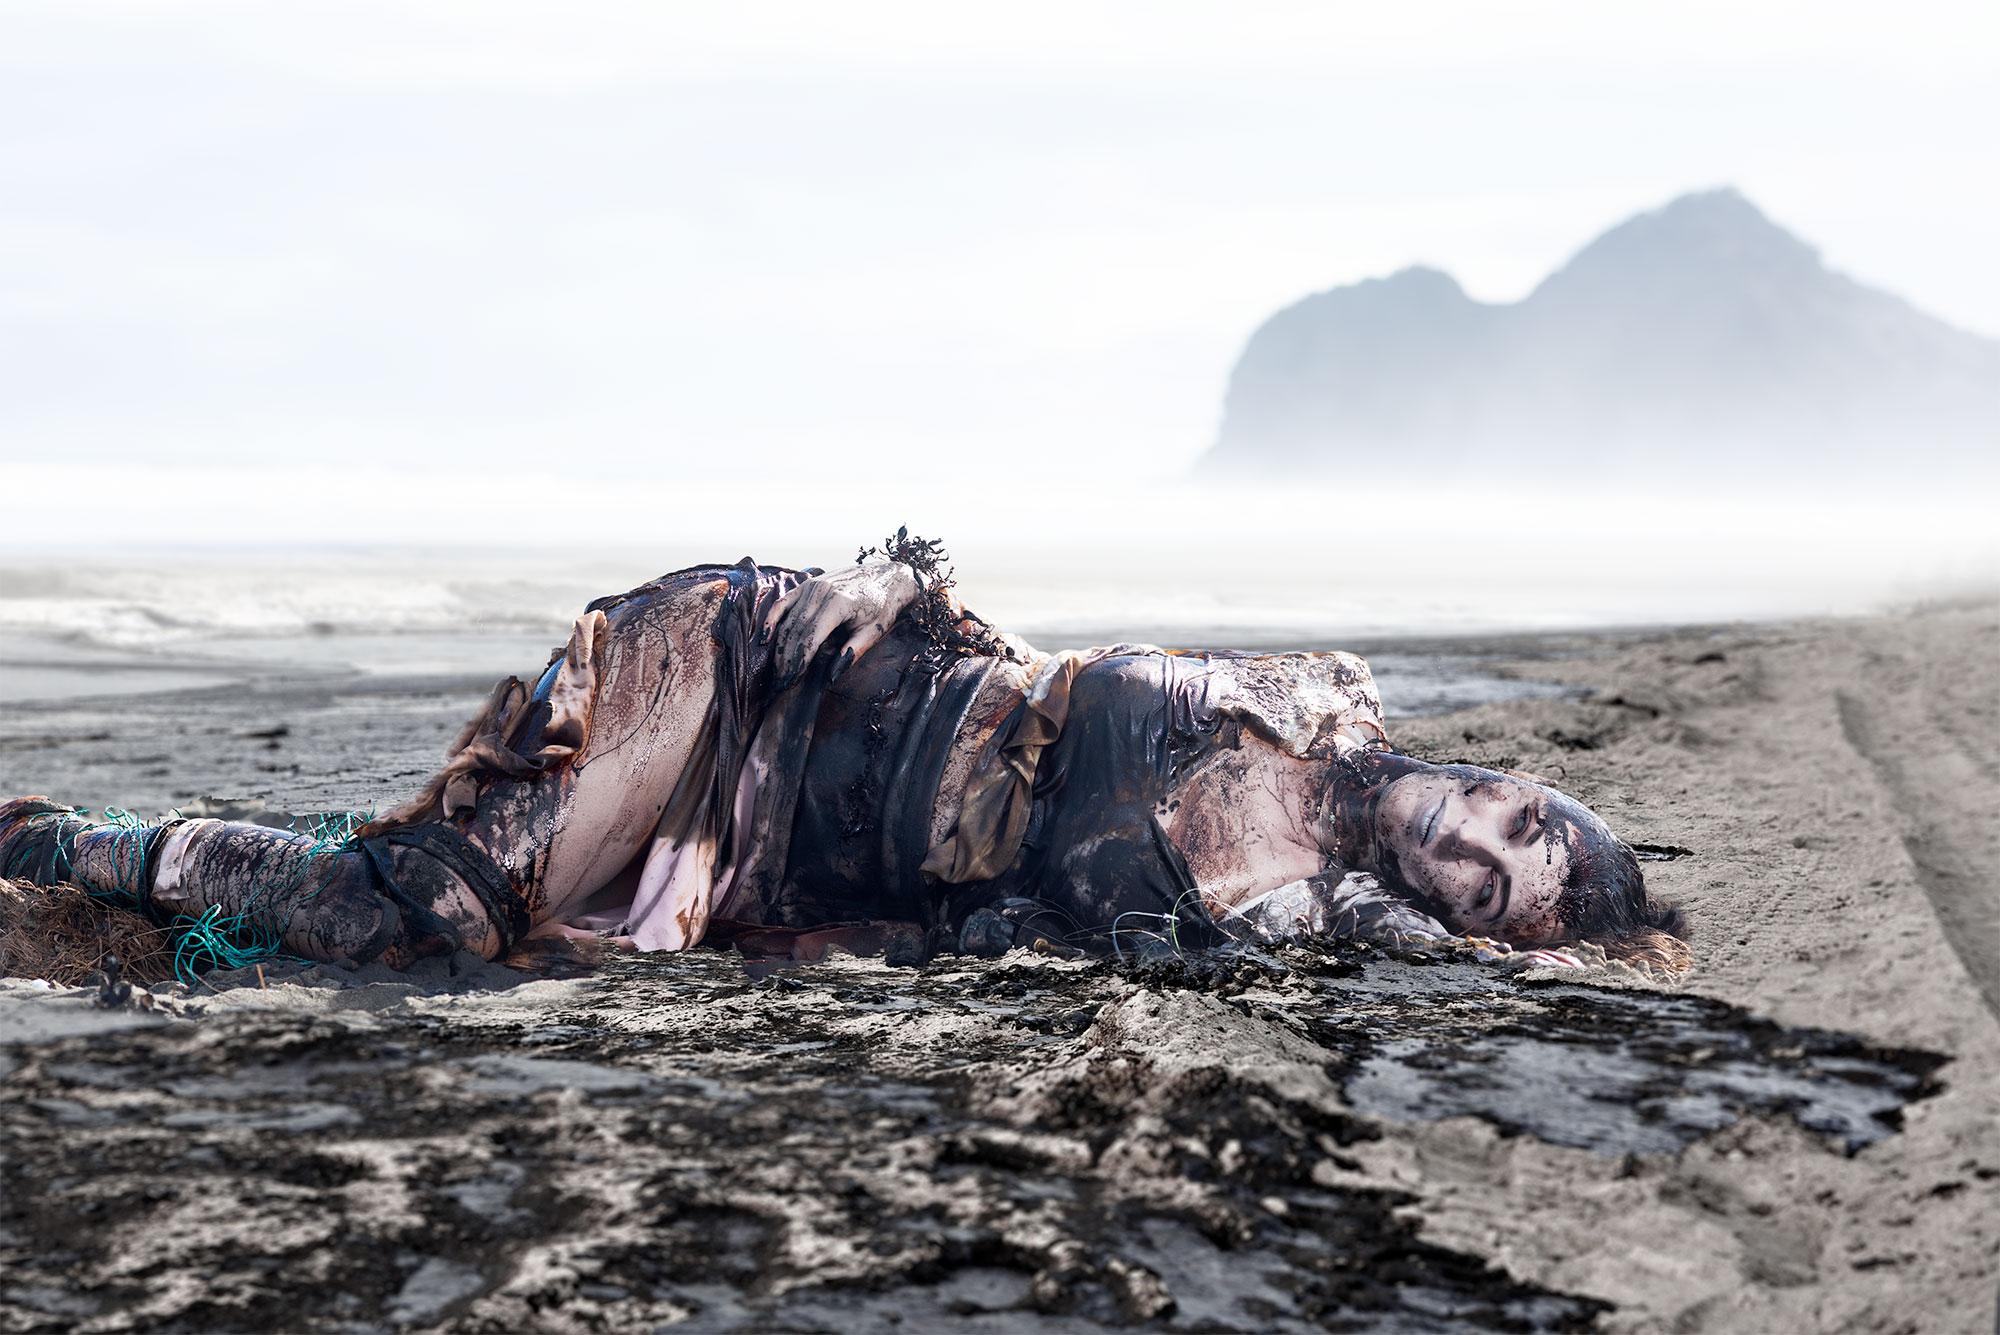 Melissa-Nickerson-Oil-Spill-working-edit_8605-154.jpg